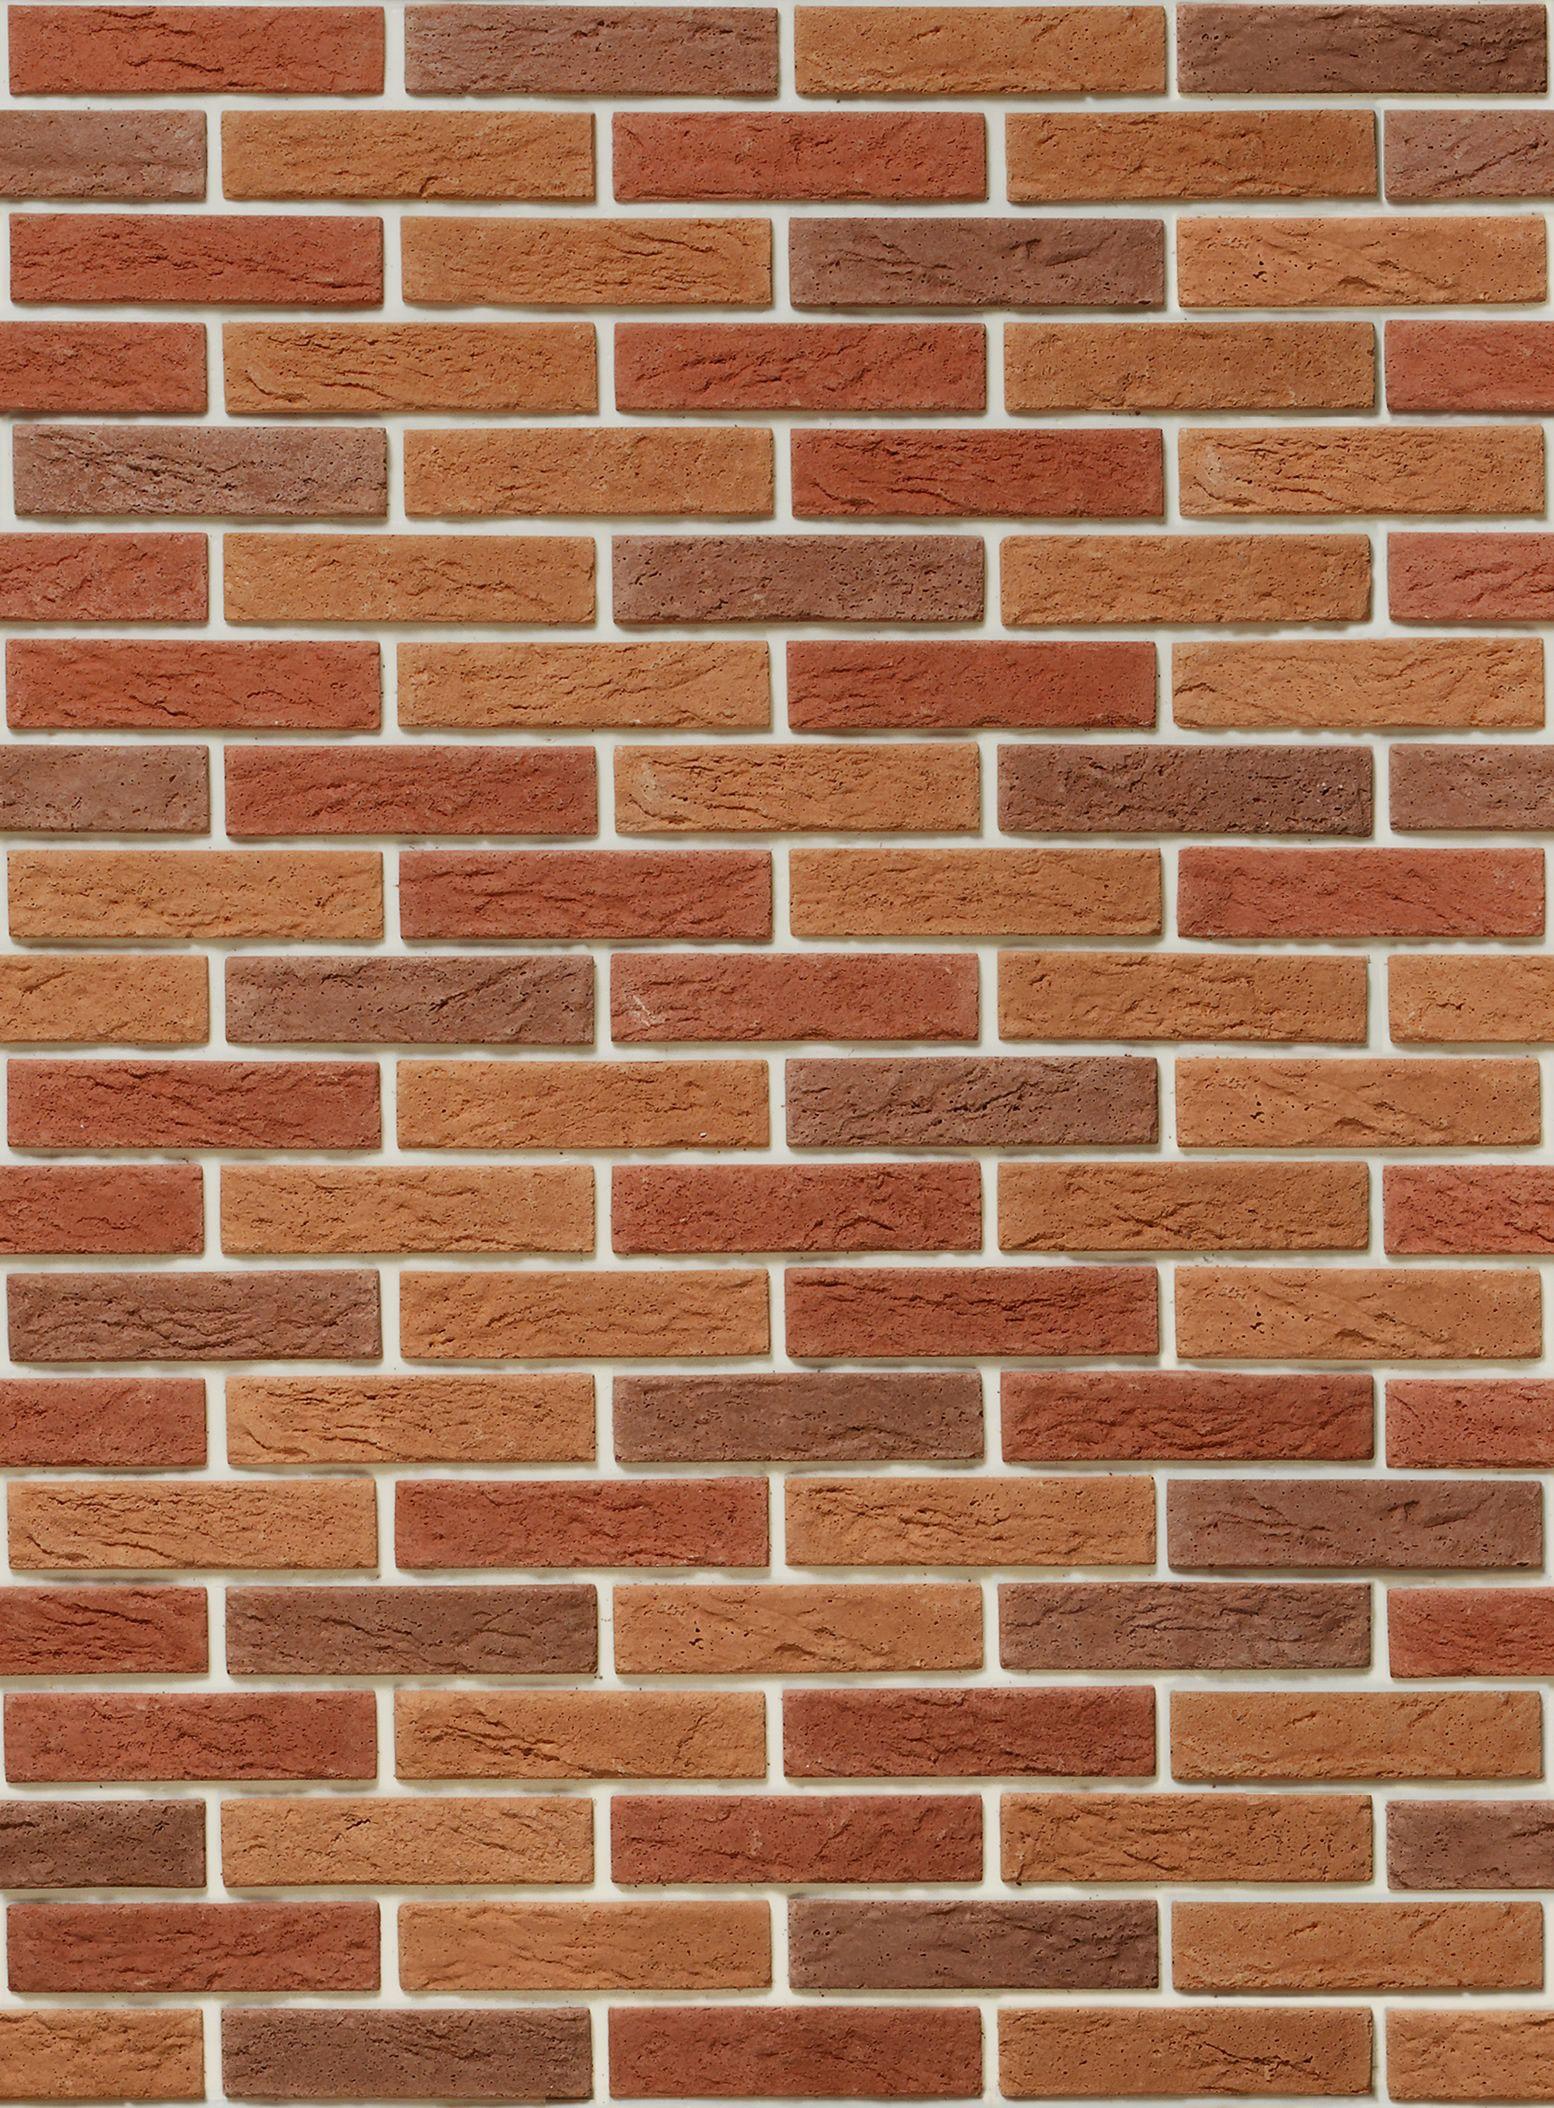 Bata Expose Texture : expose, texture, Bricks,, Background,, Texture,, Download, Photo,, Brick, Texture, Dinding, Bata,